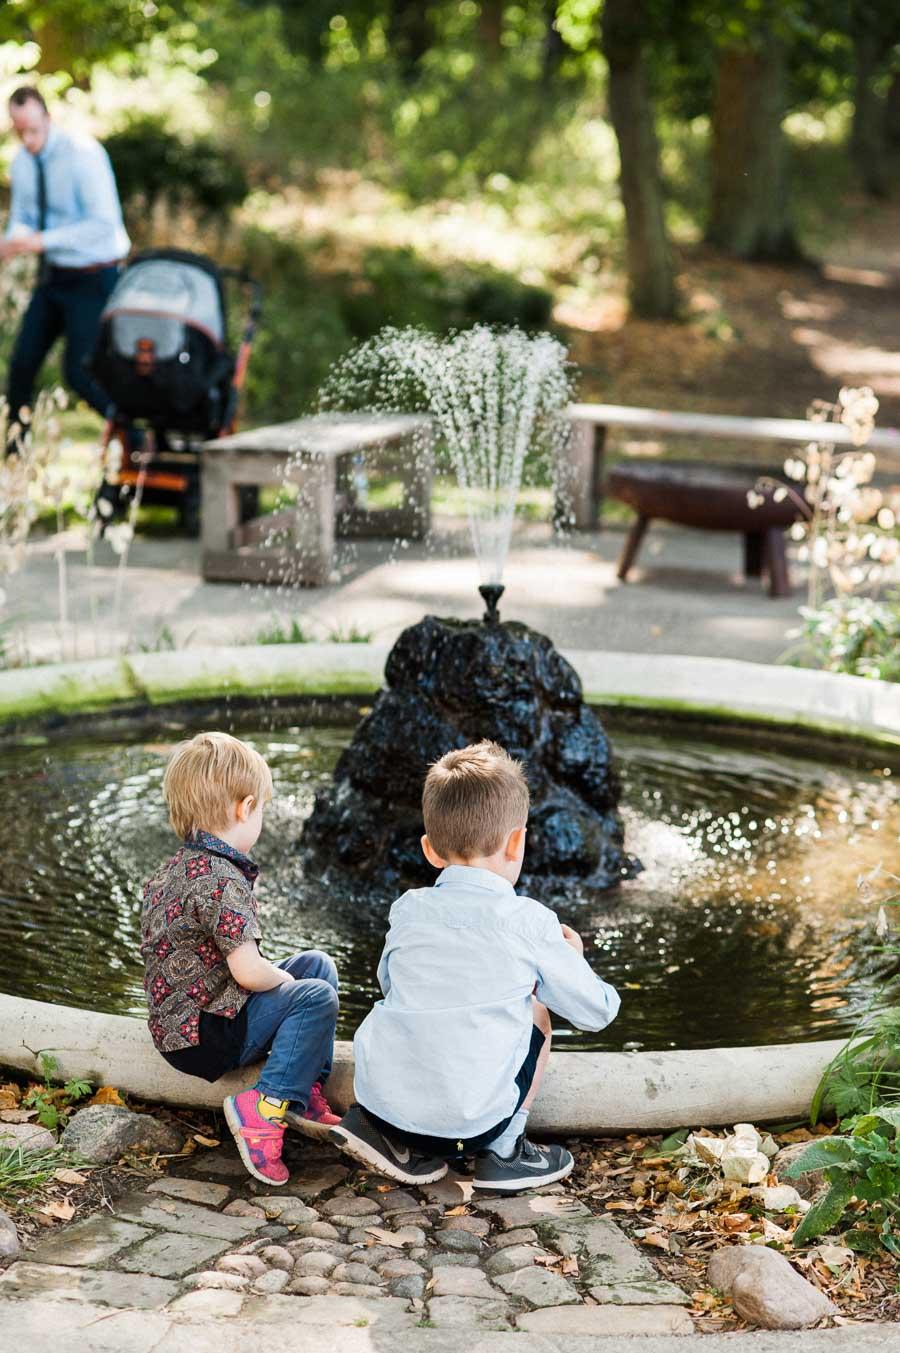 Kinder spielen am Springbrunnen